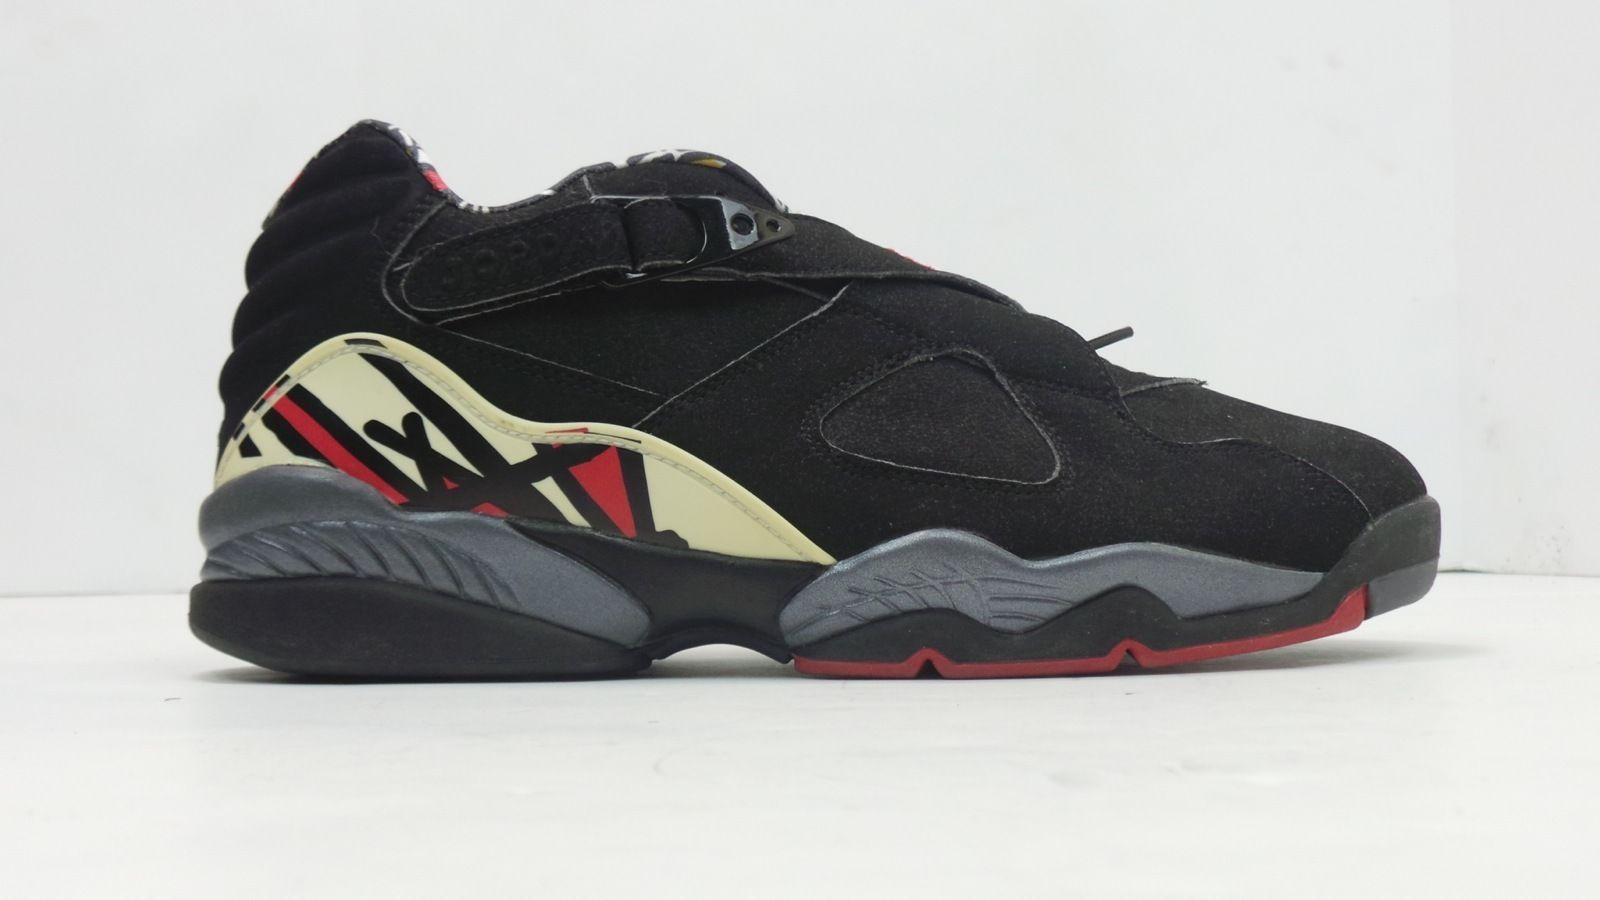 Men's Size 8 Nike Air Jordan 8 Retro Low Black True Red-Del Sol 306157 061